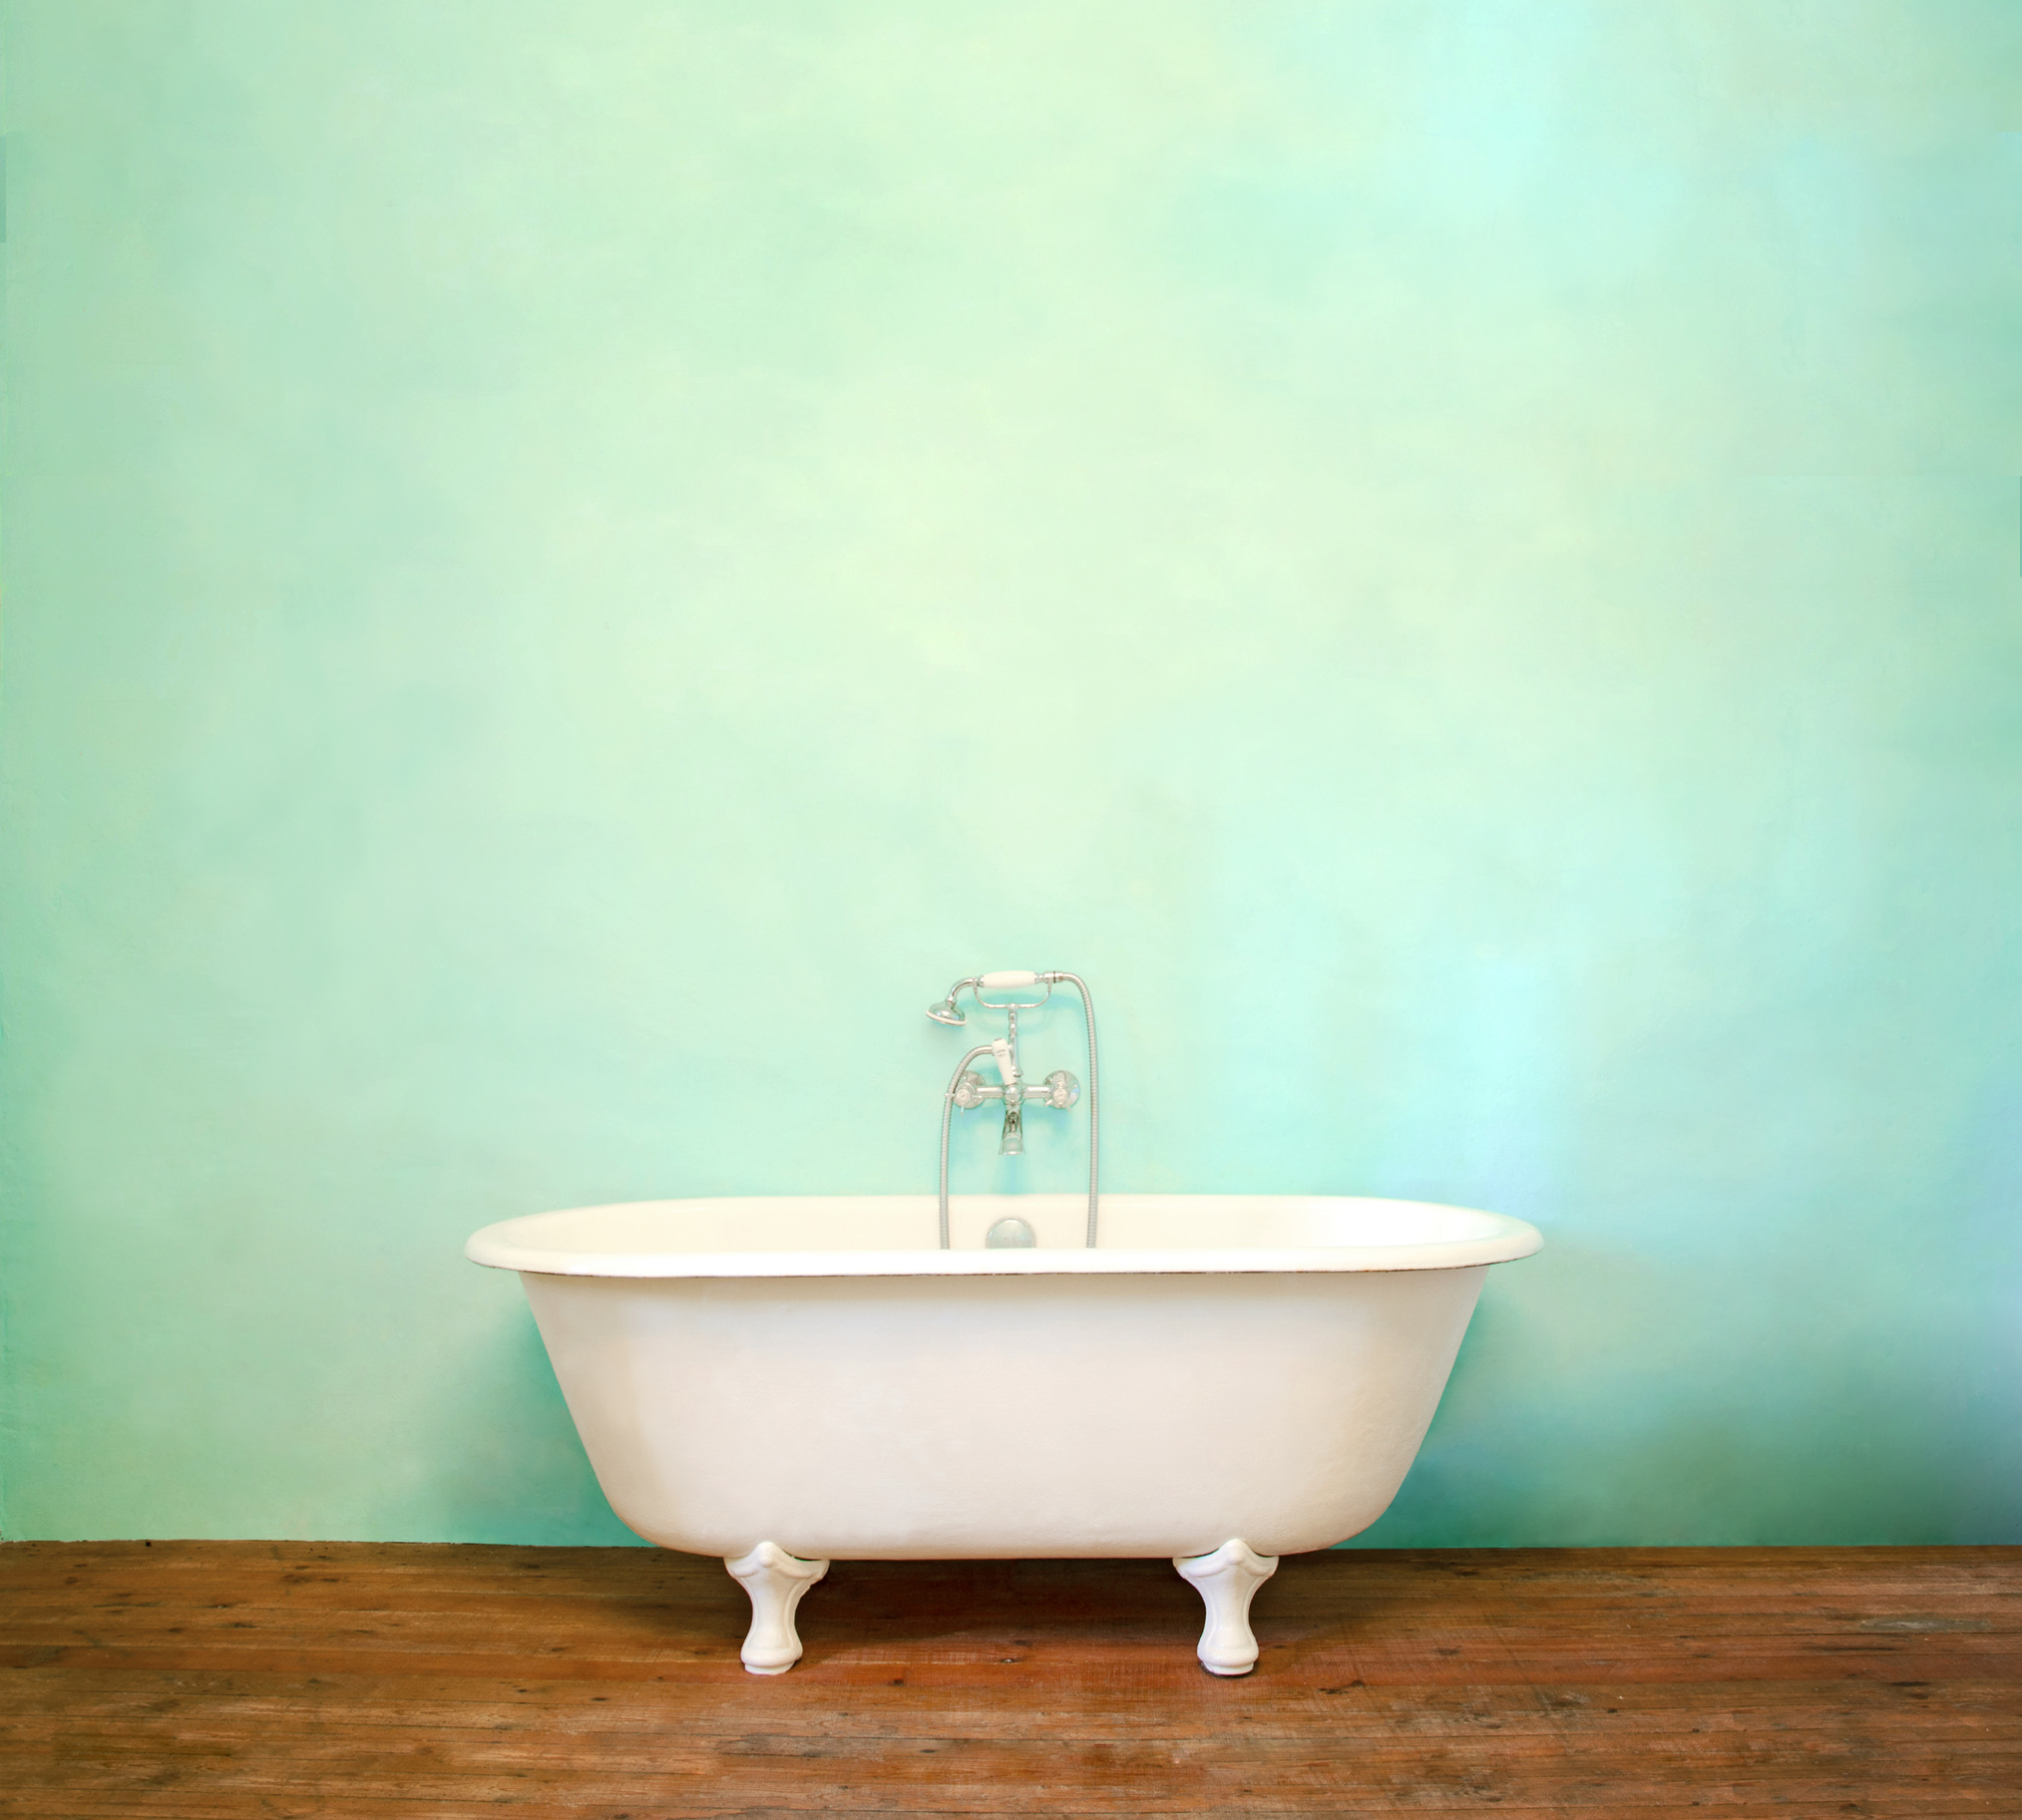 """Bassena steht für höchste Qualität, Kundenzufriedenheit und funktionales Design. Die Bassena Badmanufaktur ermöglicht """"Anders baden""""."""